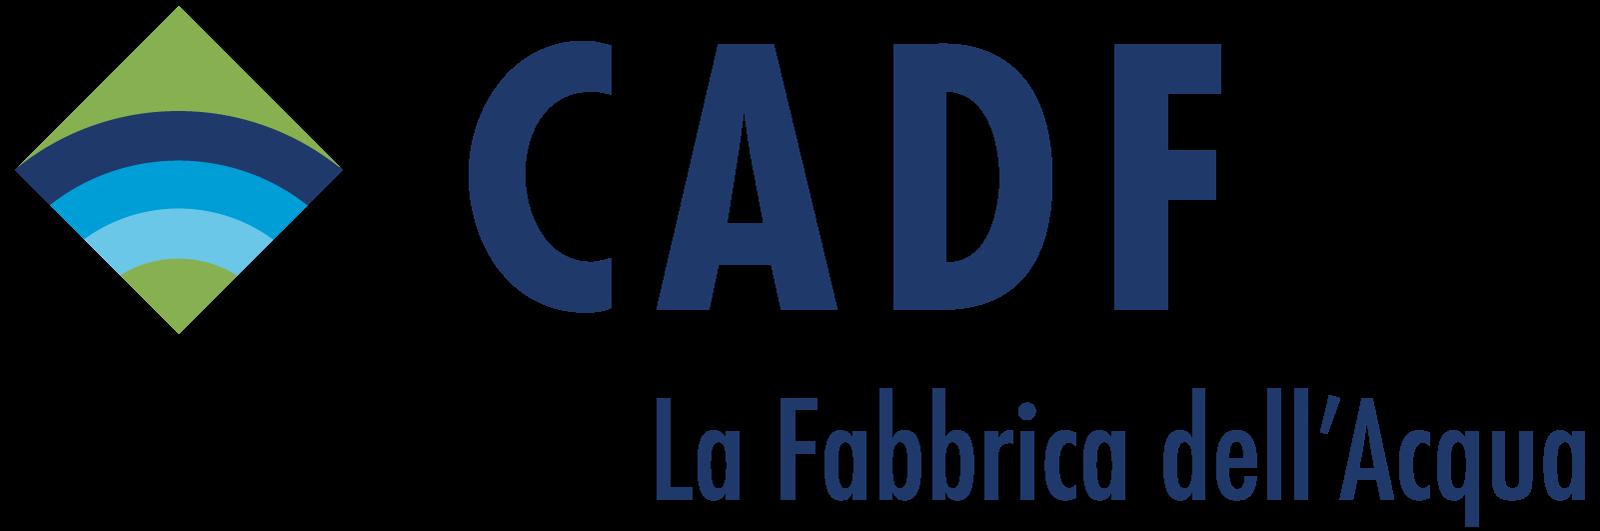 CADF - Le ultime news dal mondo dell'acqua